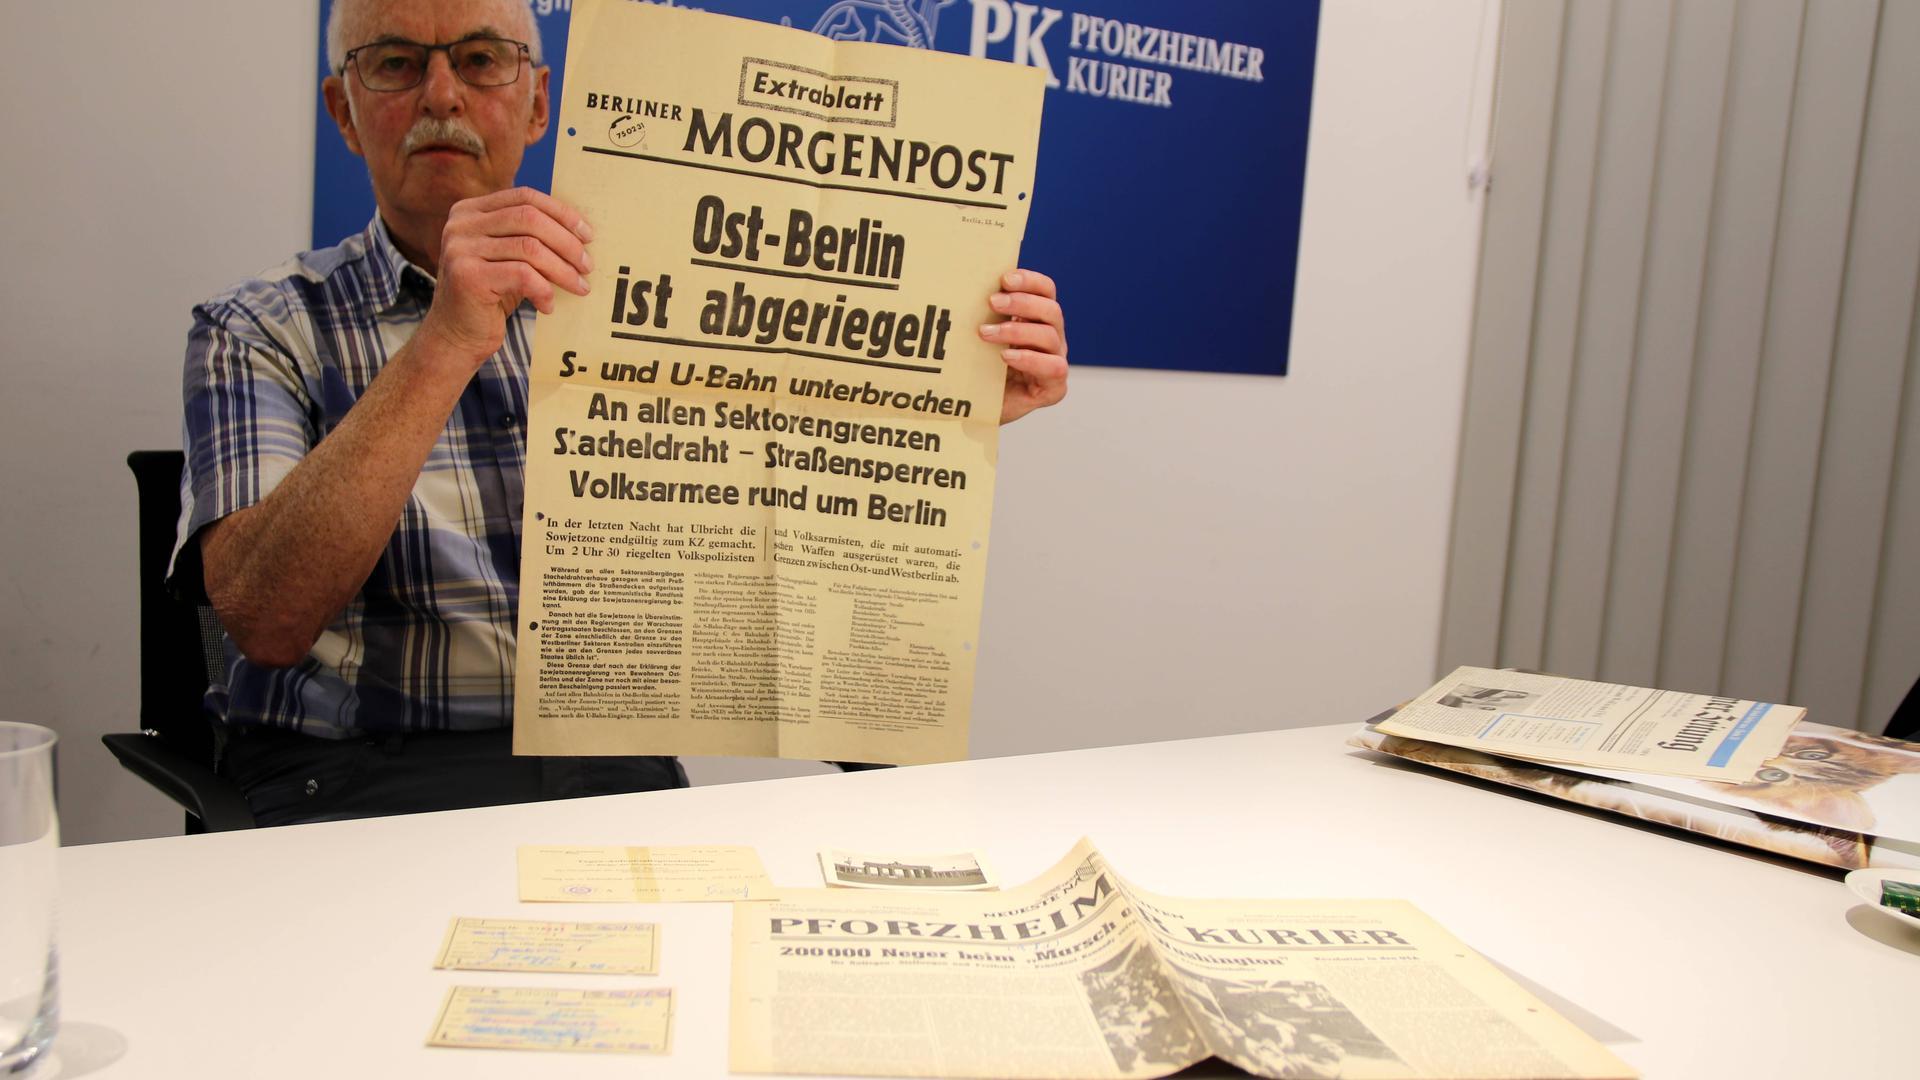 Historische Dokumente: Zeitungen vom August 1961 hat Horst Gabel aus Birkenfeld auf seinem Dachboden wiedergefunden. Der 73-Jährige war damals mit seiner Mutter zu Besuch in Berlin und hat die geschichtsträchtigen Ereignisse vor Ort miterlebt.